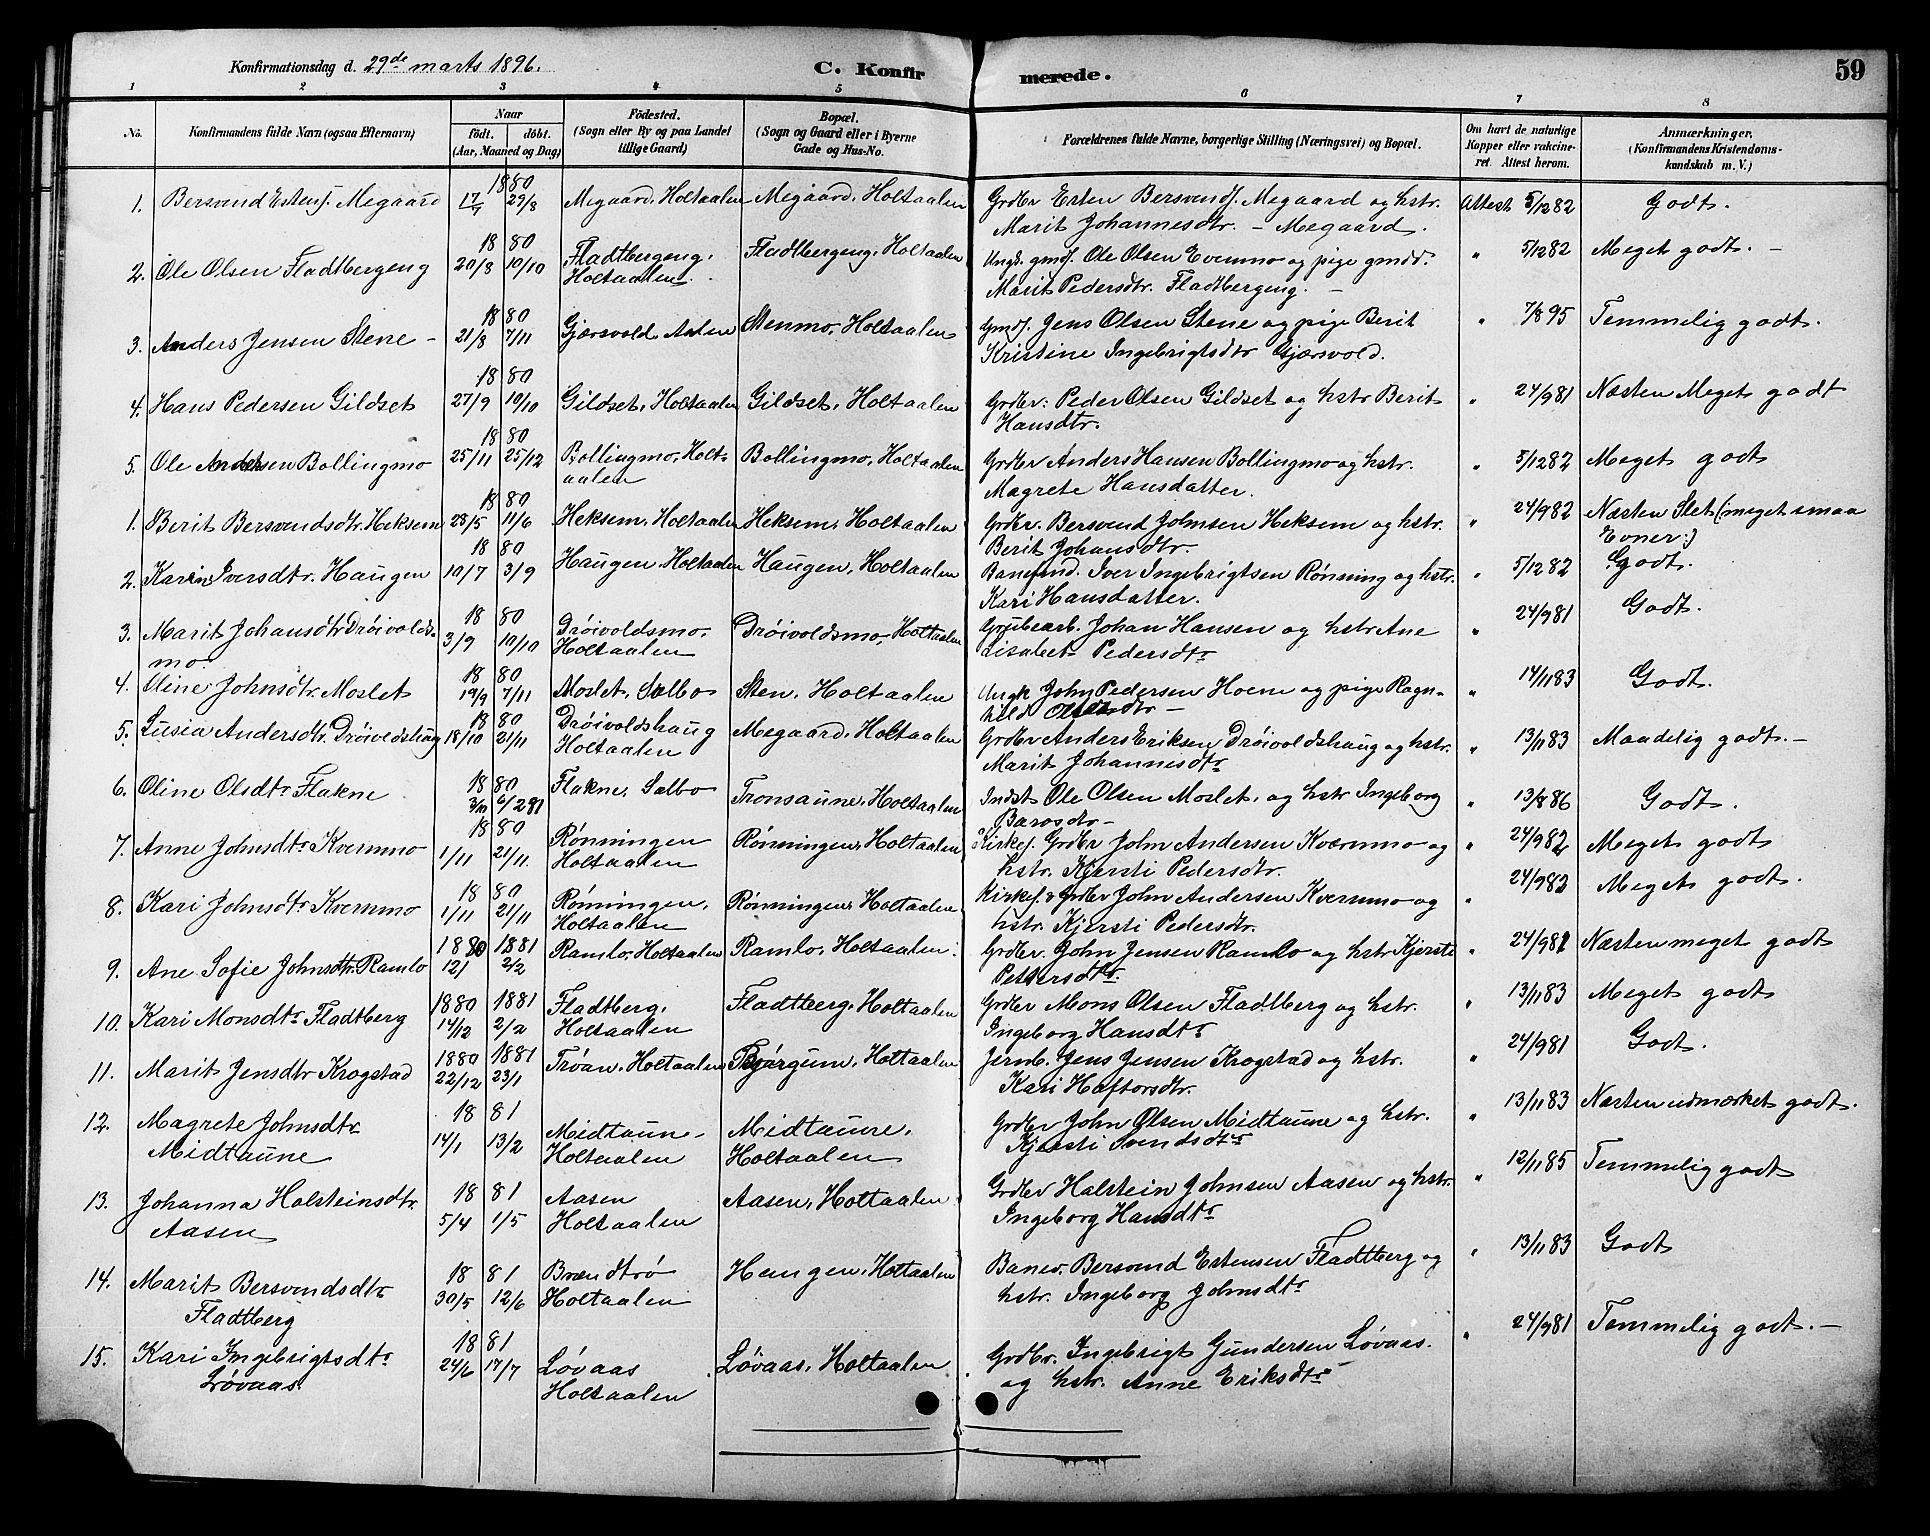 SAT, Ministerialprotokoller, klokkerbøker og fødselsregistre - Sør-Trøndelag, 685/L0978: Klokkerbok nr. 685C03, 1891-1907, s. 59